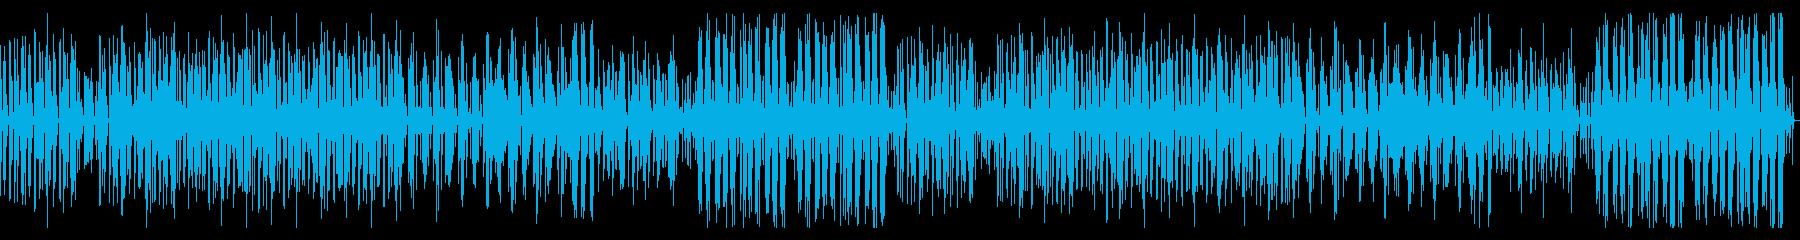 まったりした日常のシンプルなBGMの再生済みの波形